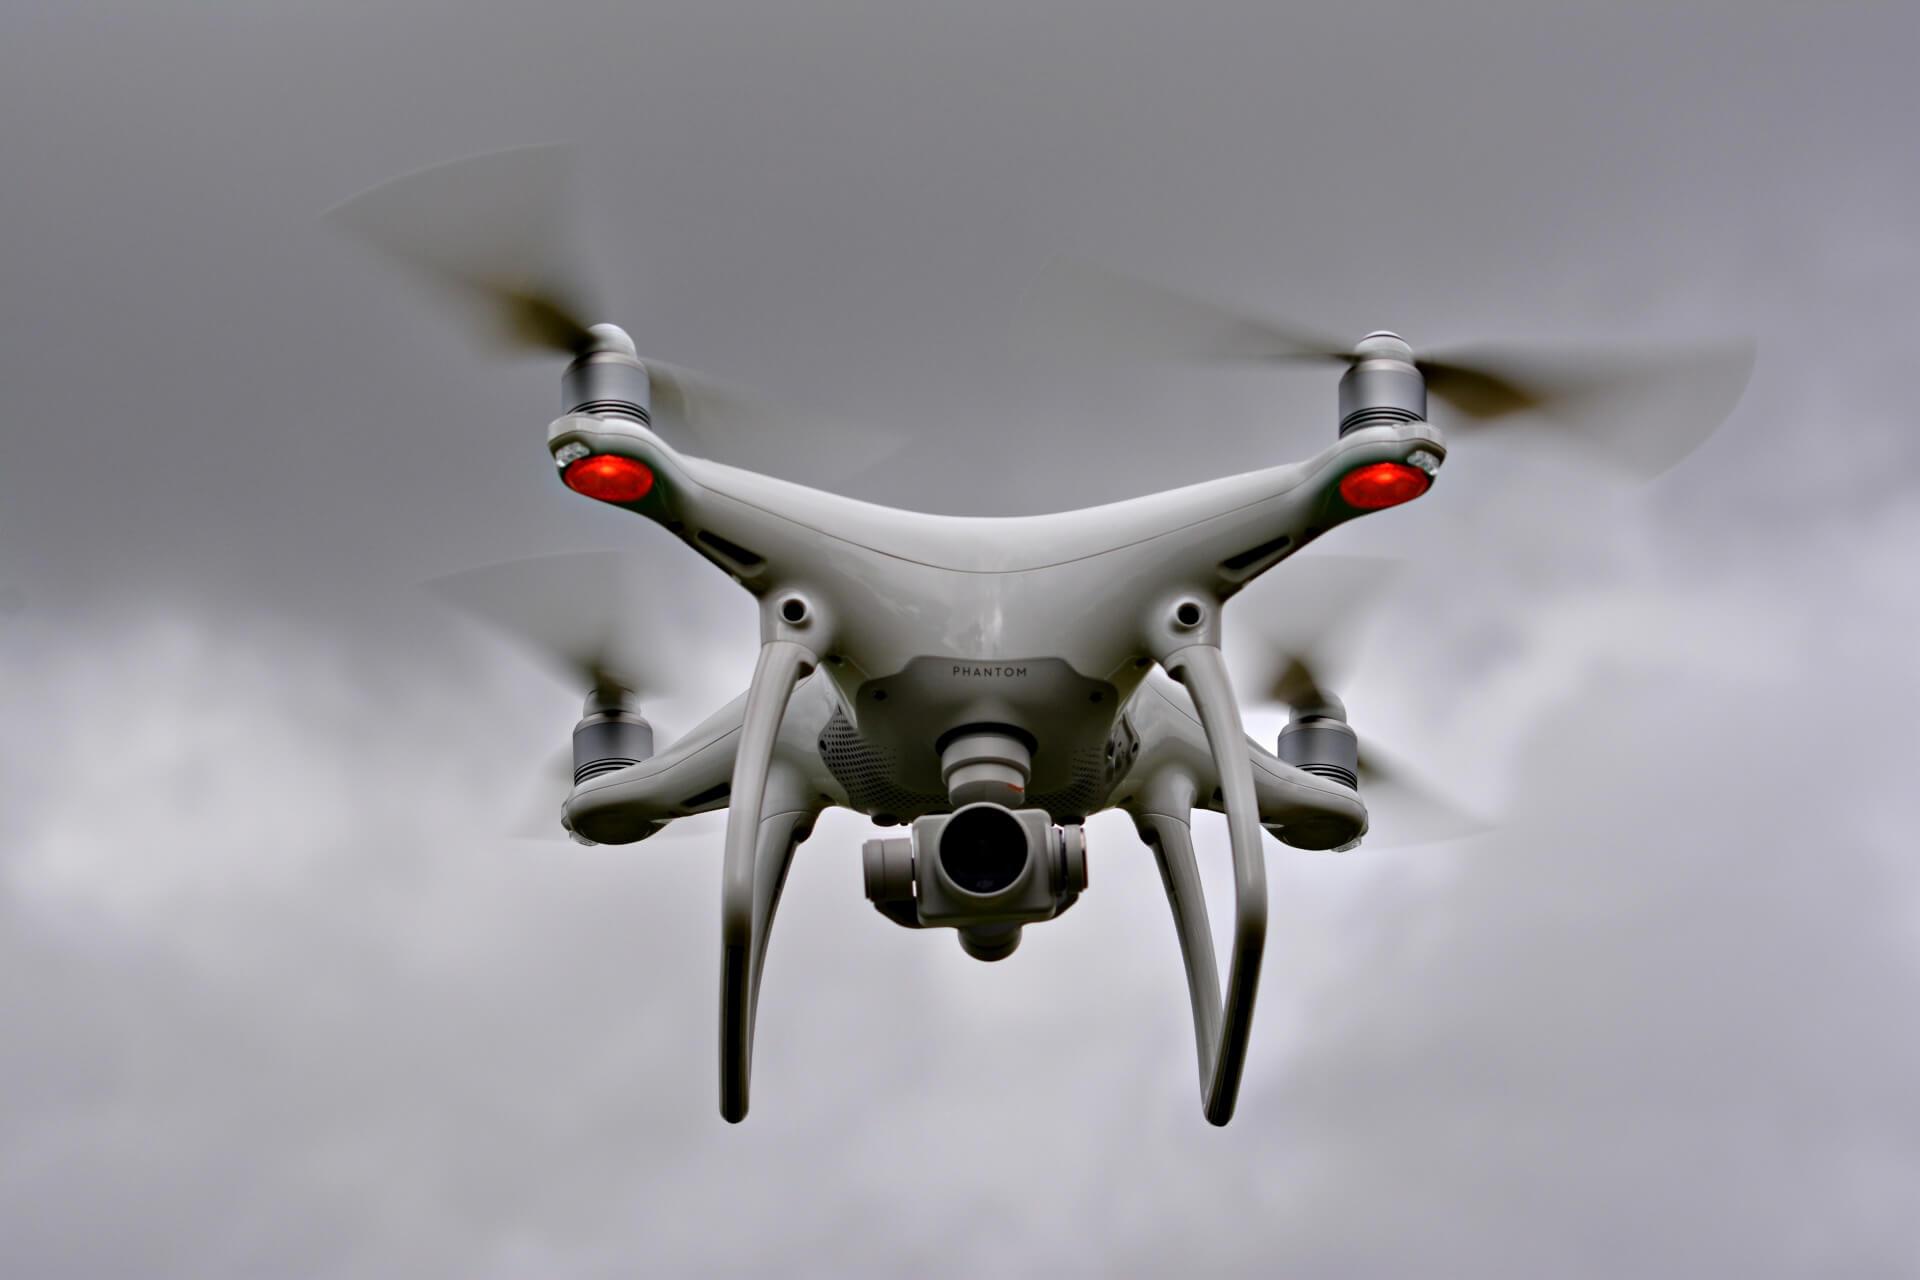 phantom 4 vásárlás, drón vásárlás, drón bolt, drón vásárlás előtt, drón vétel, használt drón beszámítás, használt drón vásárlás, DJI Mavic Pro vásárlás, DJI drón vásárlás budapest, drón vásárlása előtt